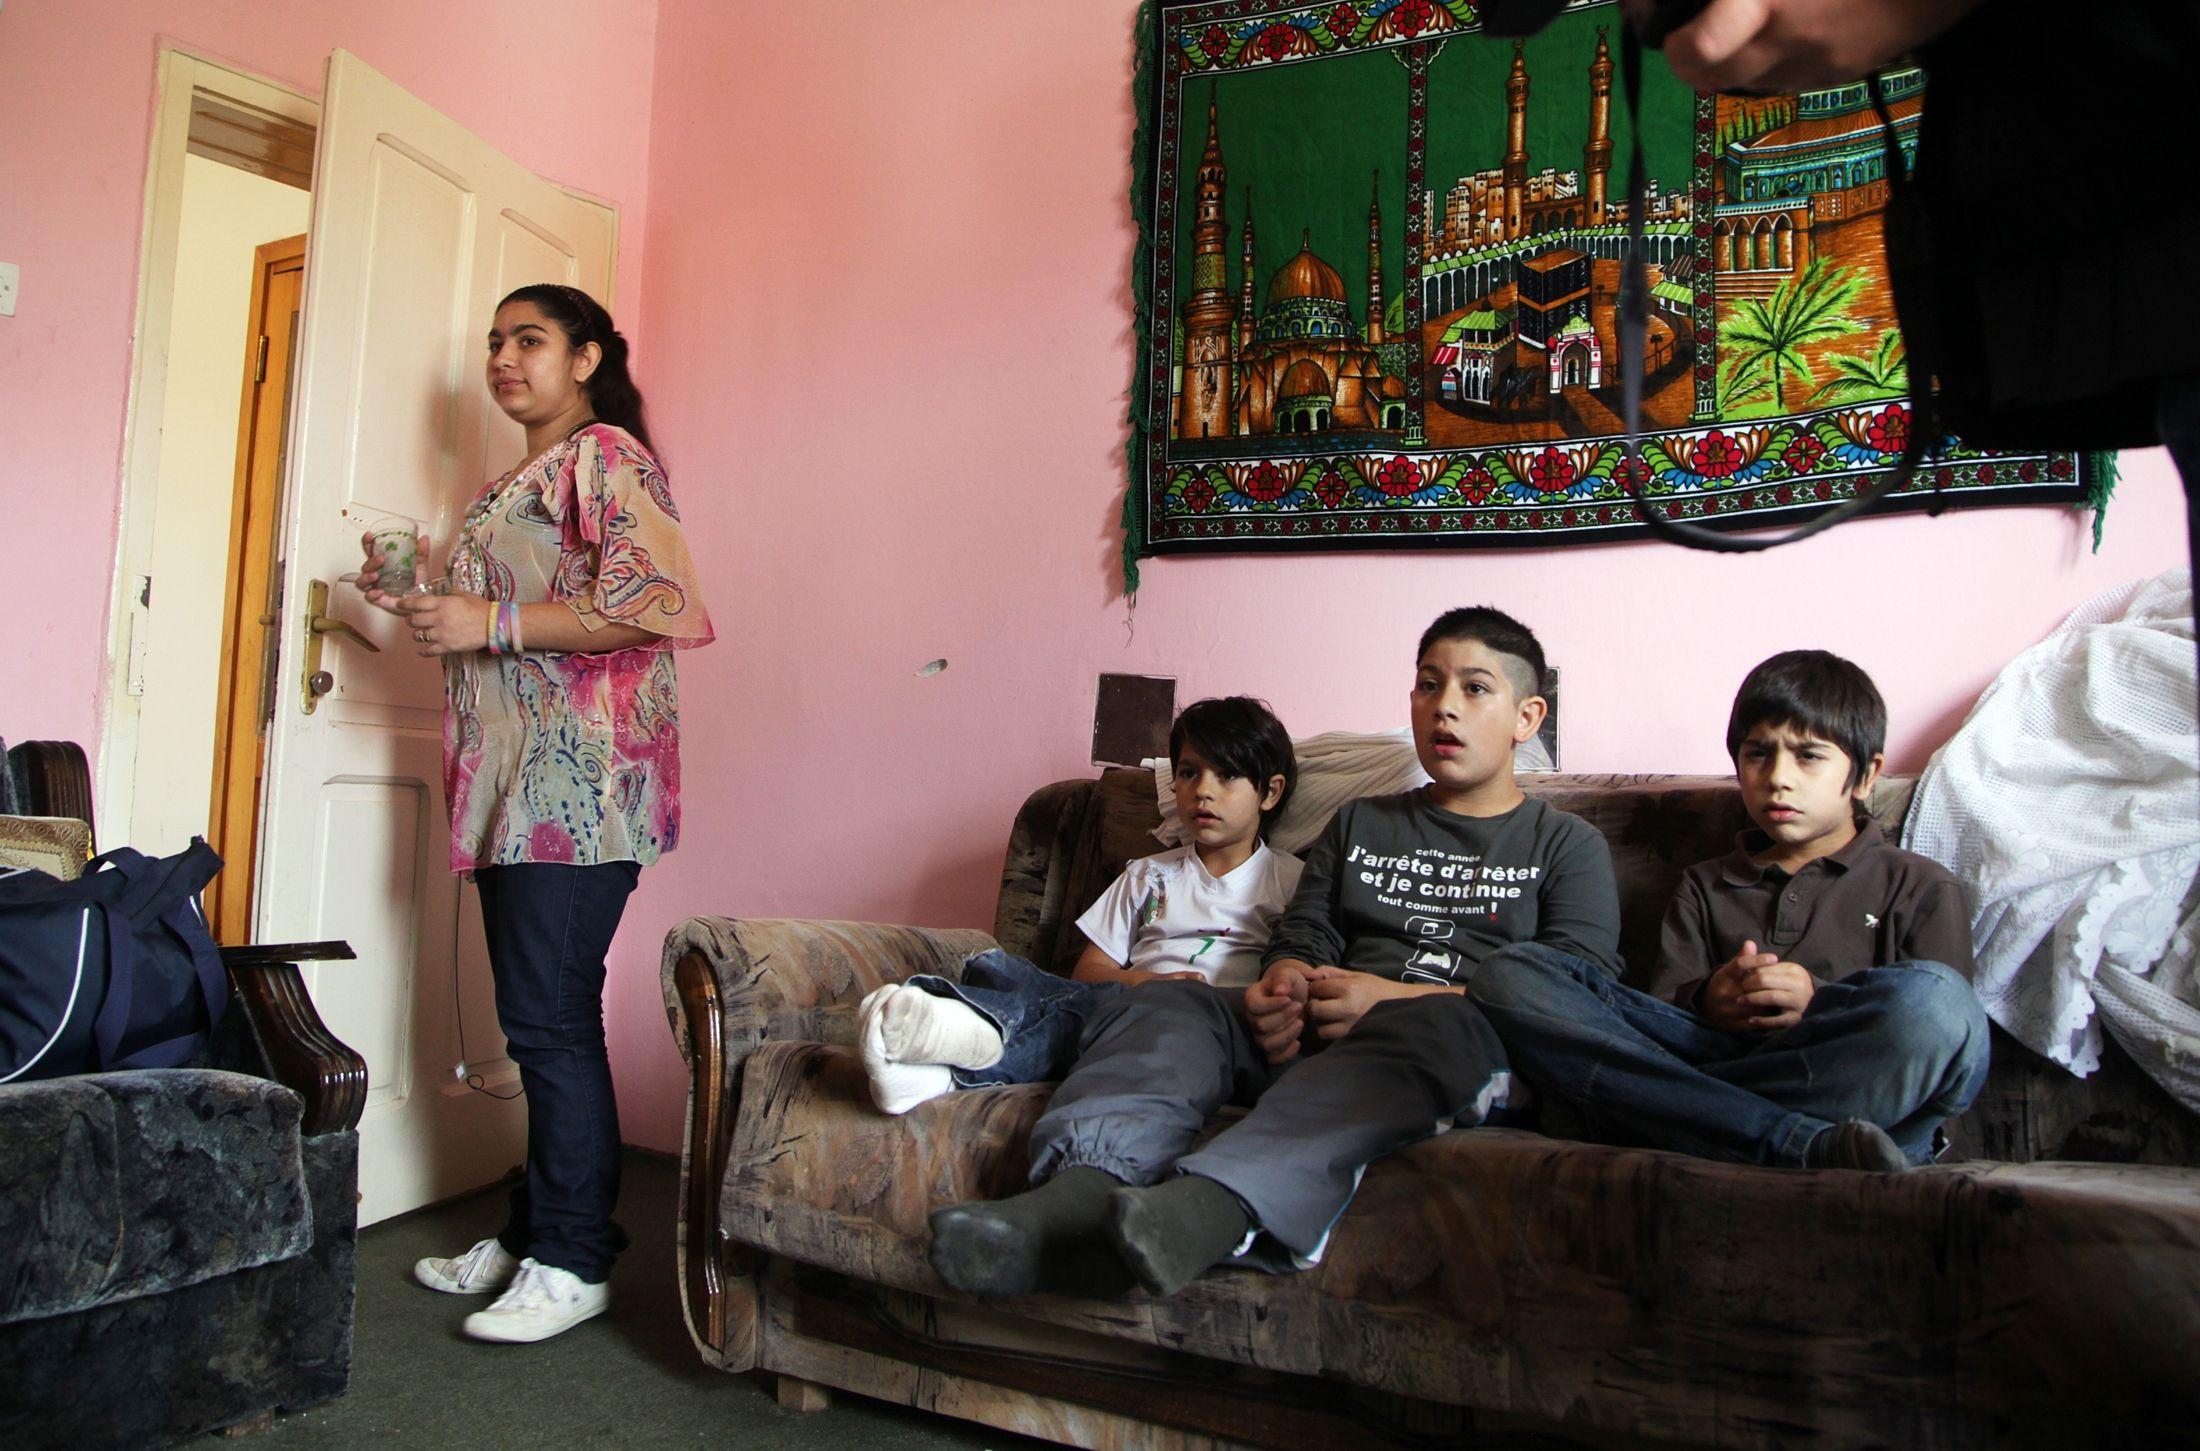 Resat Dibrani, le père de Leonarda a indiqué à l'AFP que sa fille et certains autres membres sa famille se trouvaient en Croatie